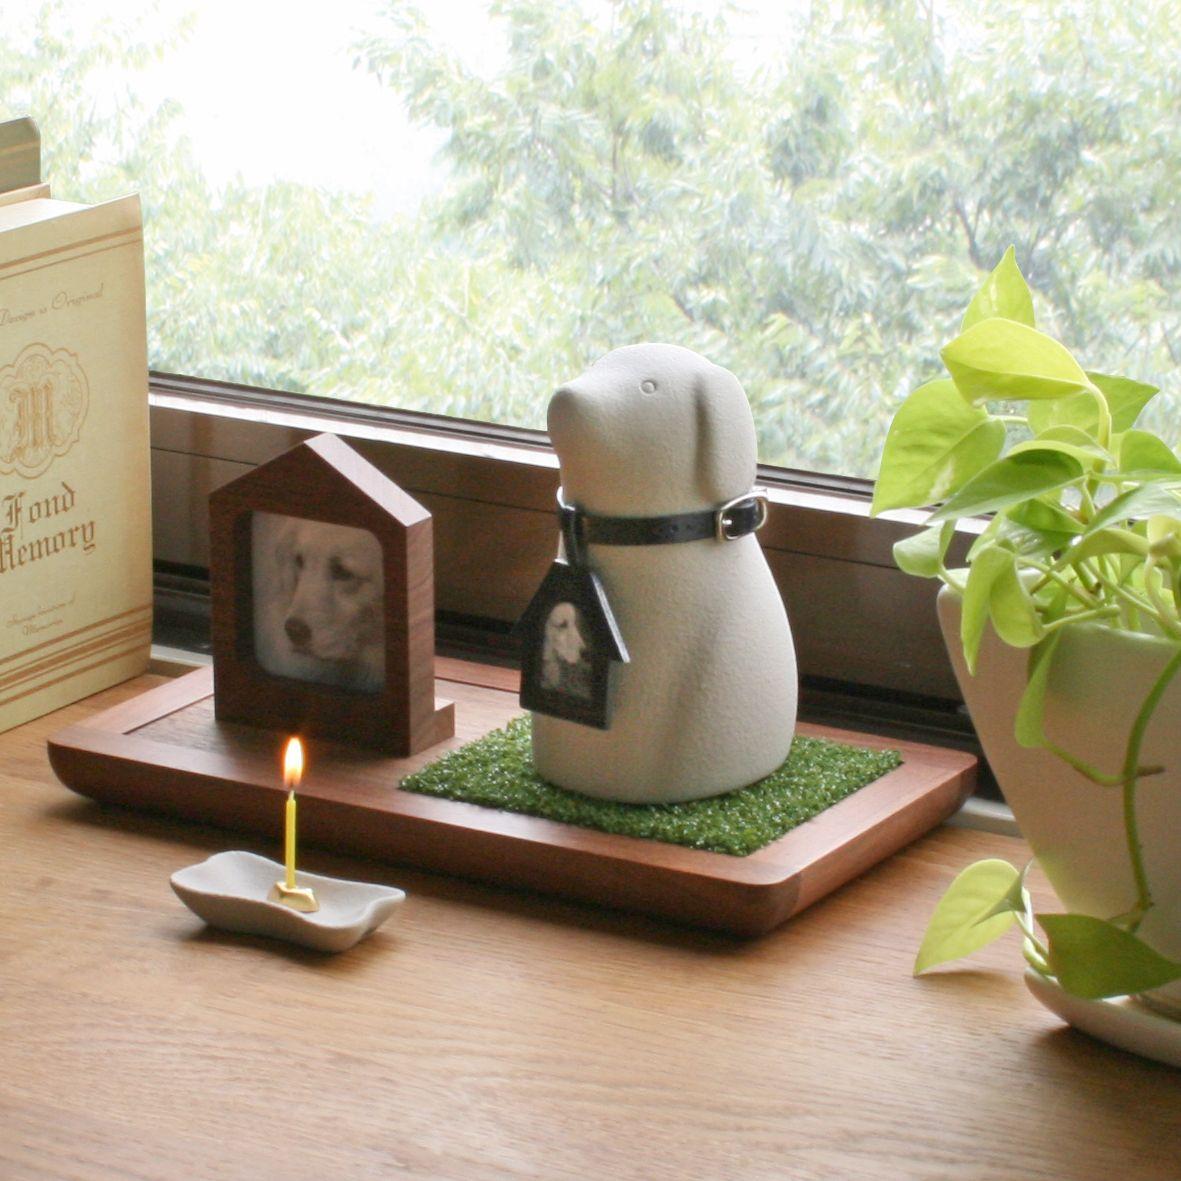 優しい雰囲気のペット用骨つぼ Coccolino ペット 骨壷 ペット 仏壇 仏壇